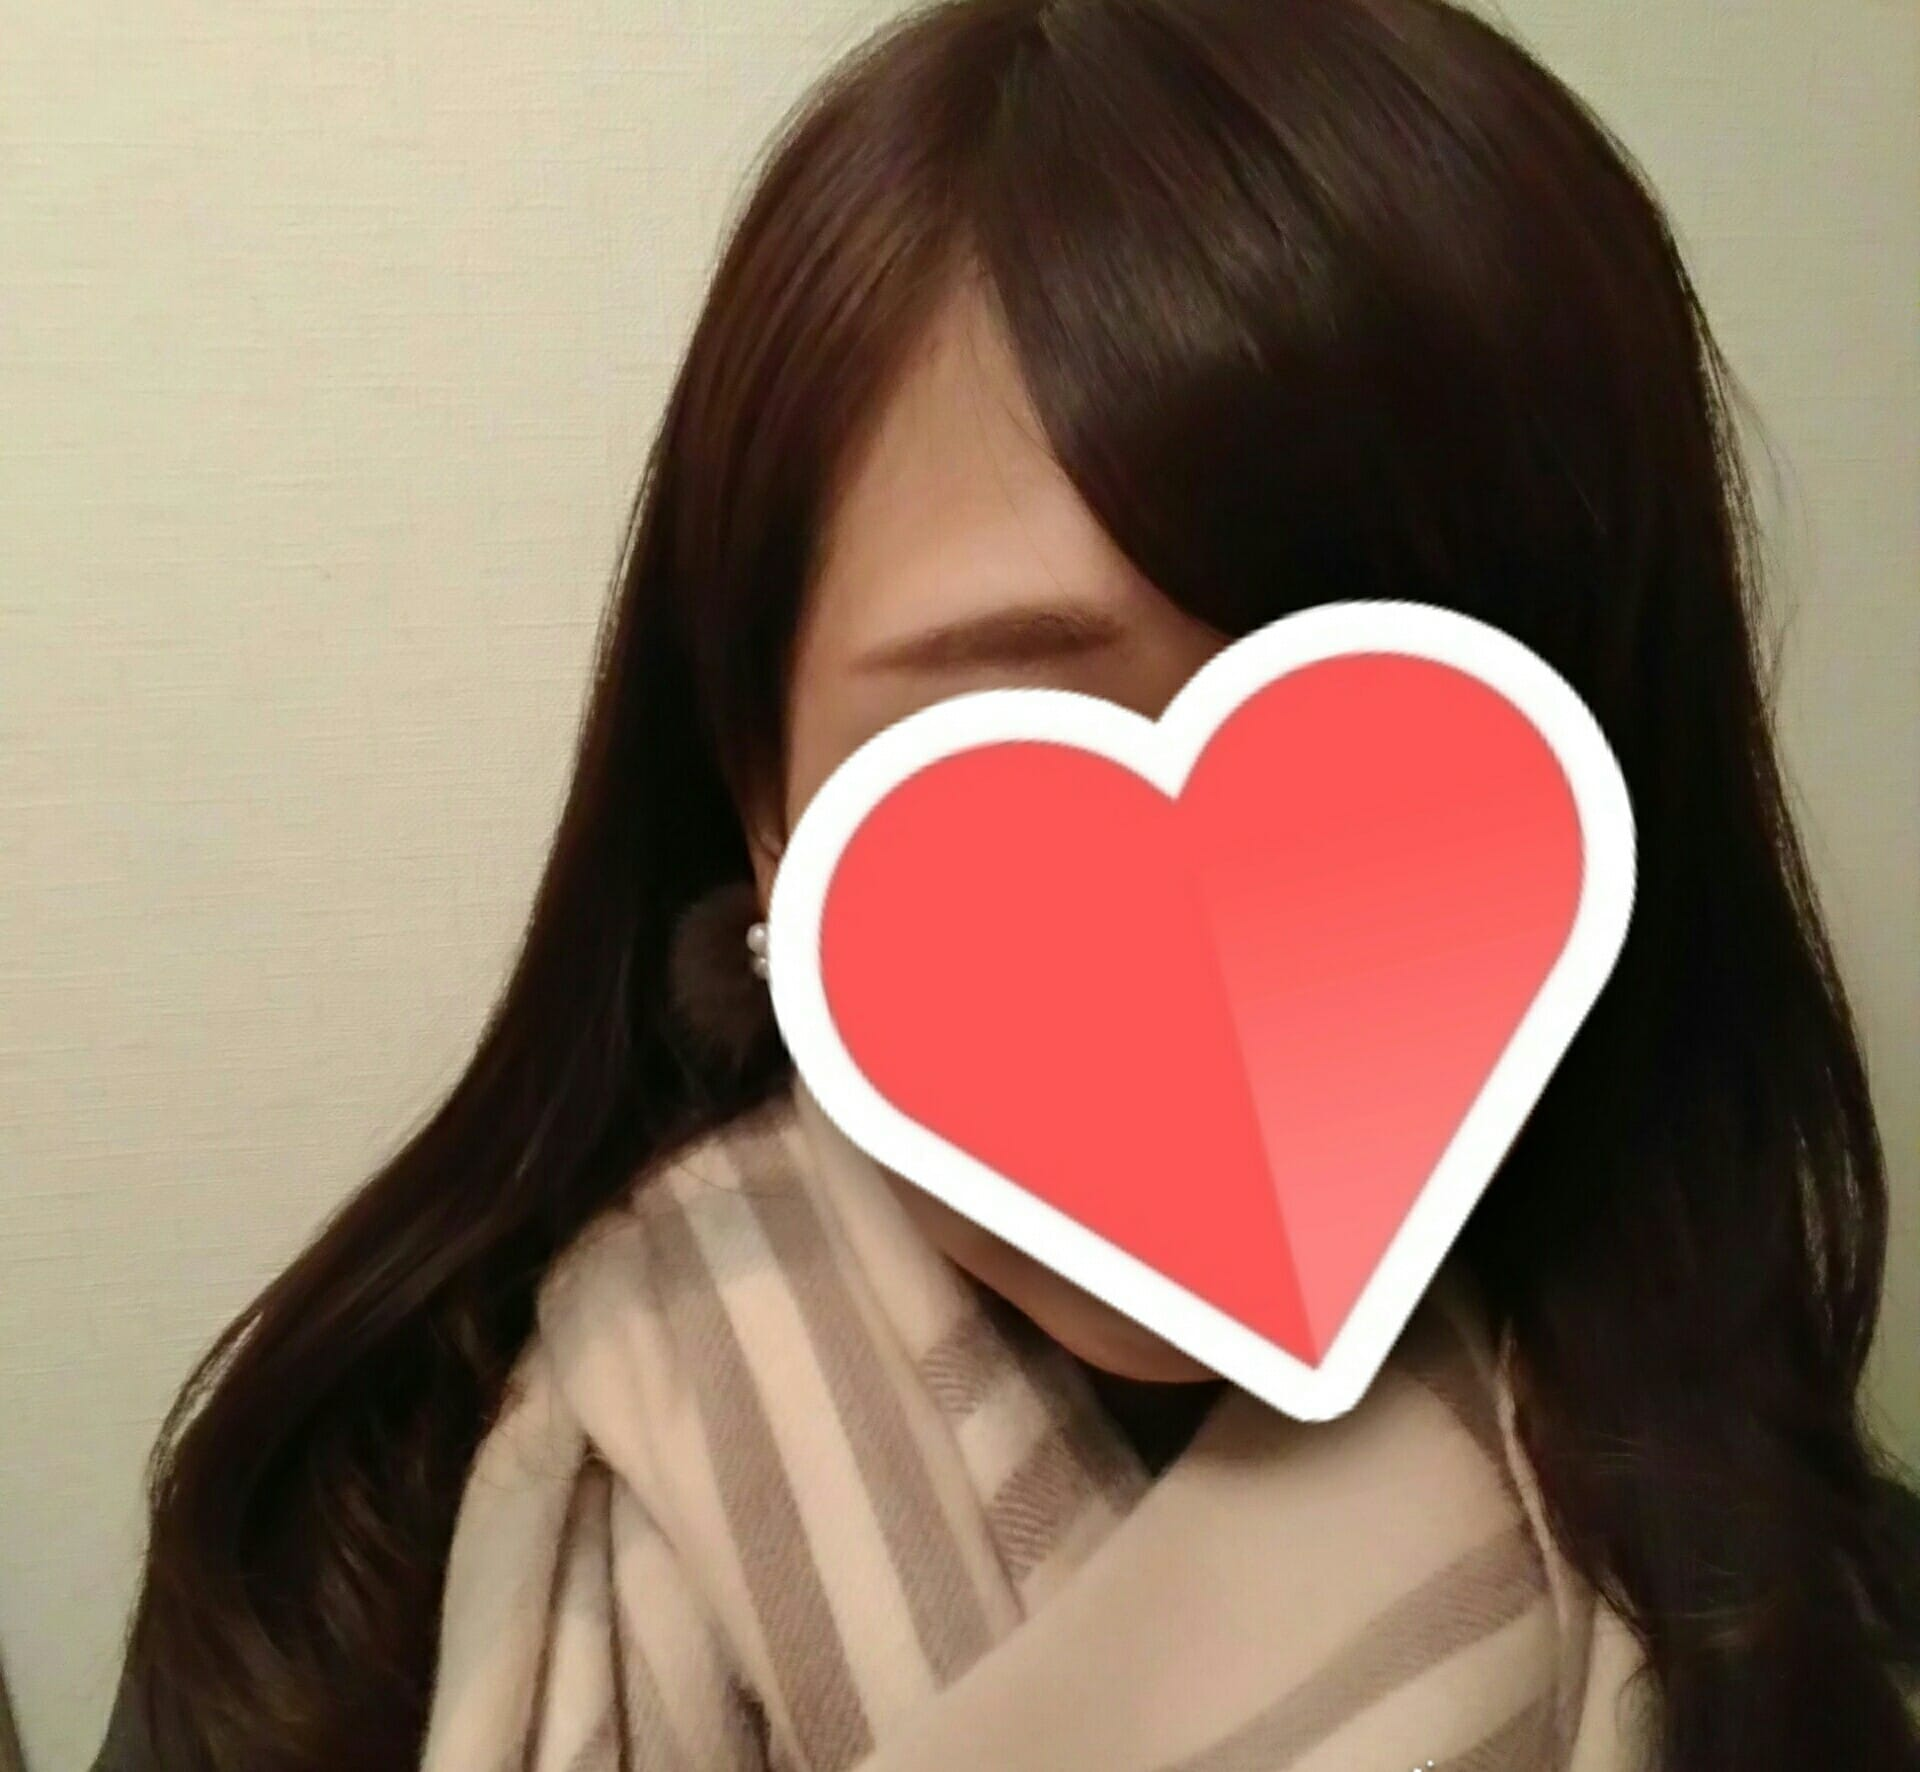 「すっかり寒い…」11/22(水) 17:40 | 橘りかこの写メ・風俗動画